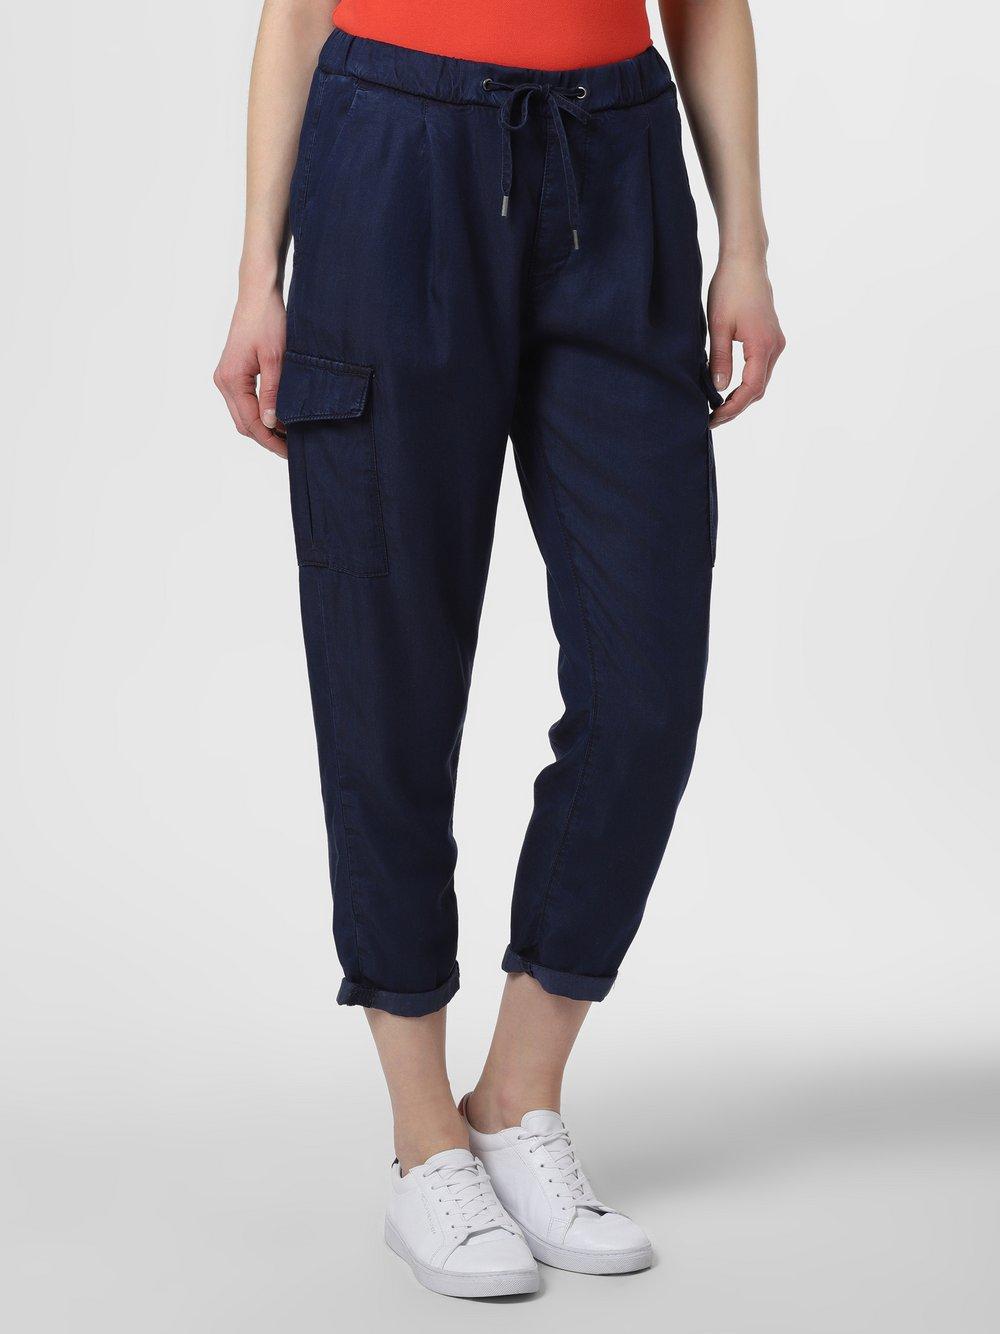 Pepe Jeans - Spodnie damskie – Jynx, niebieski